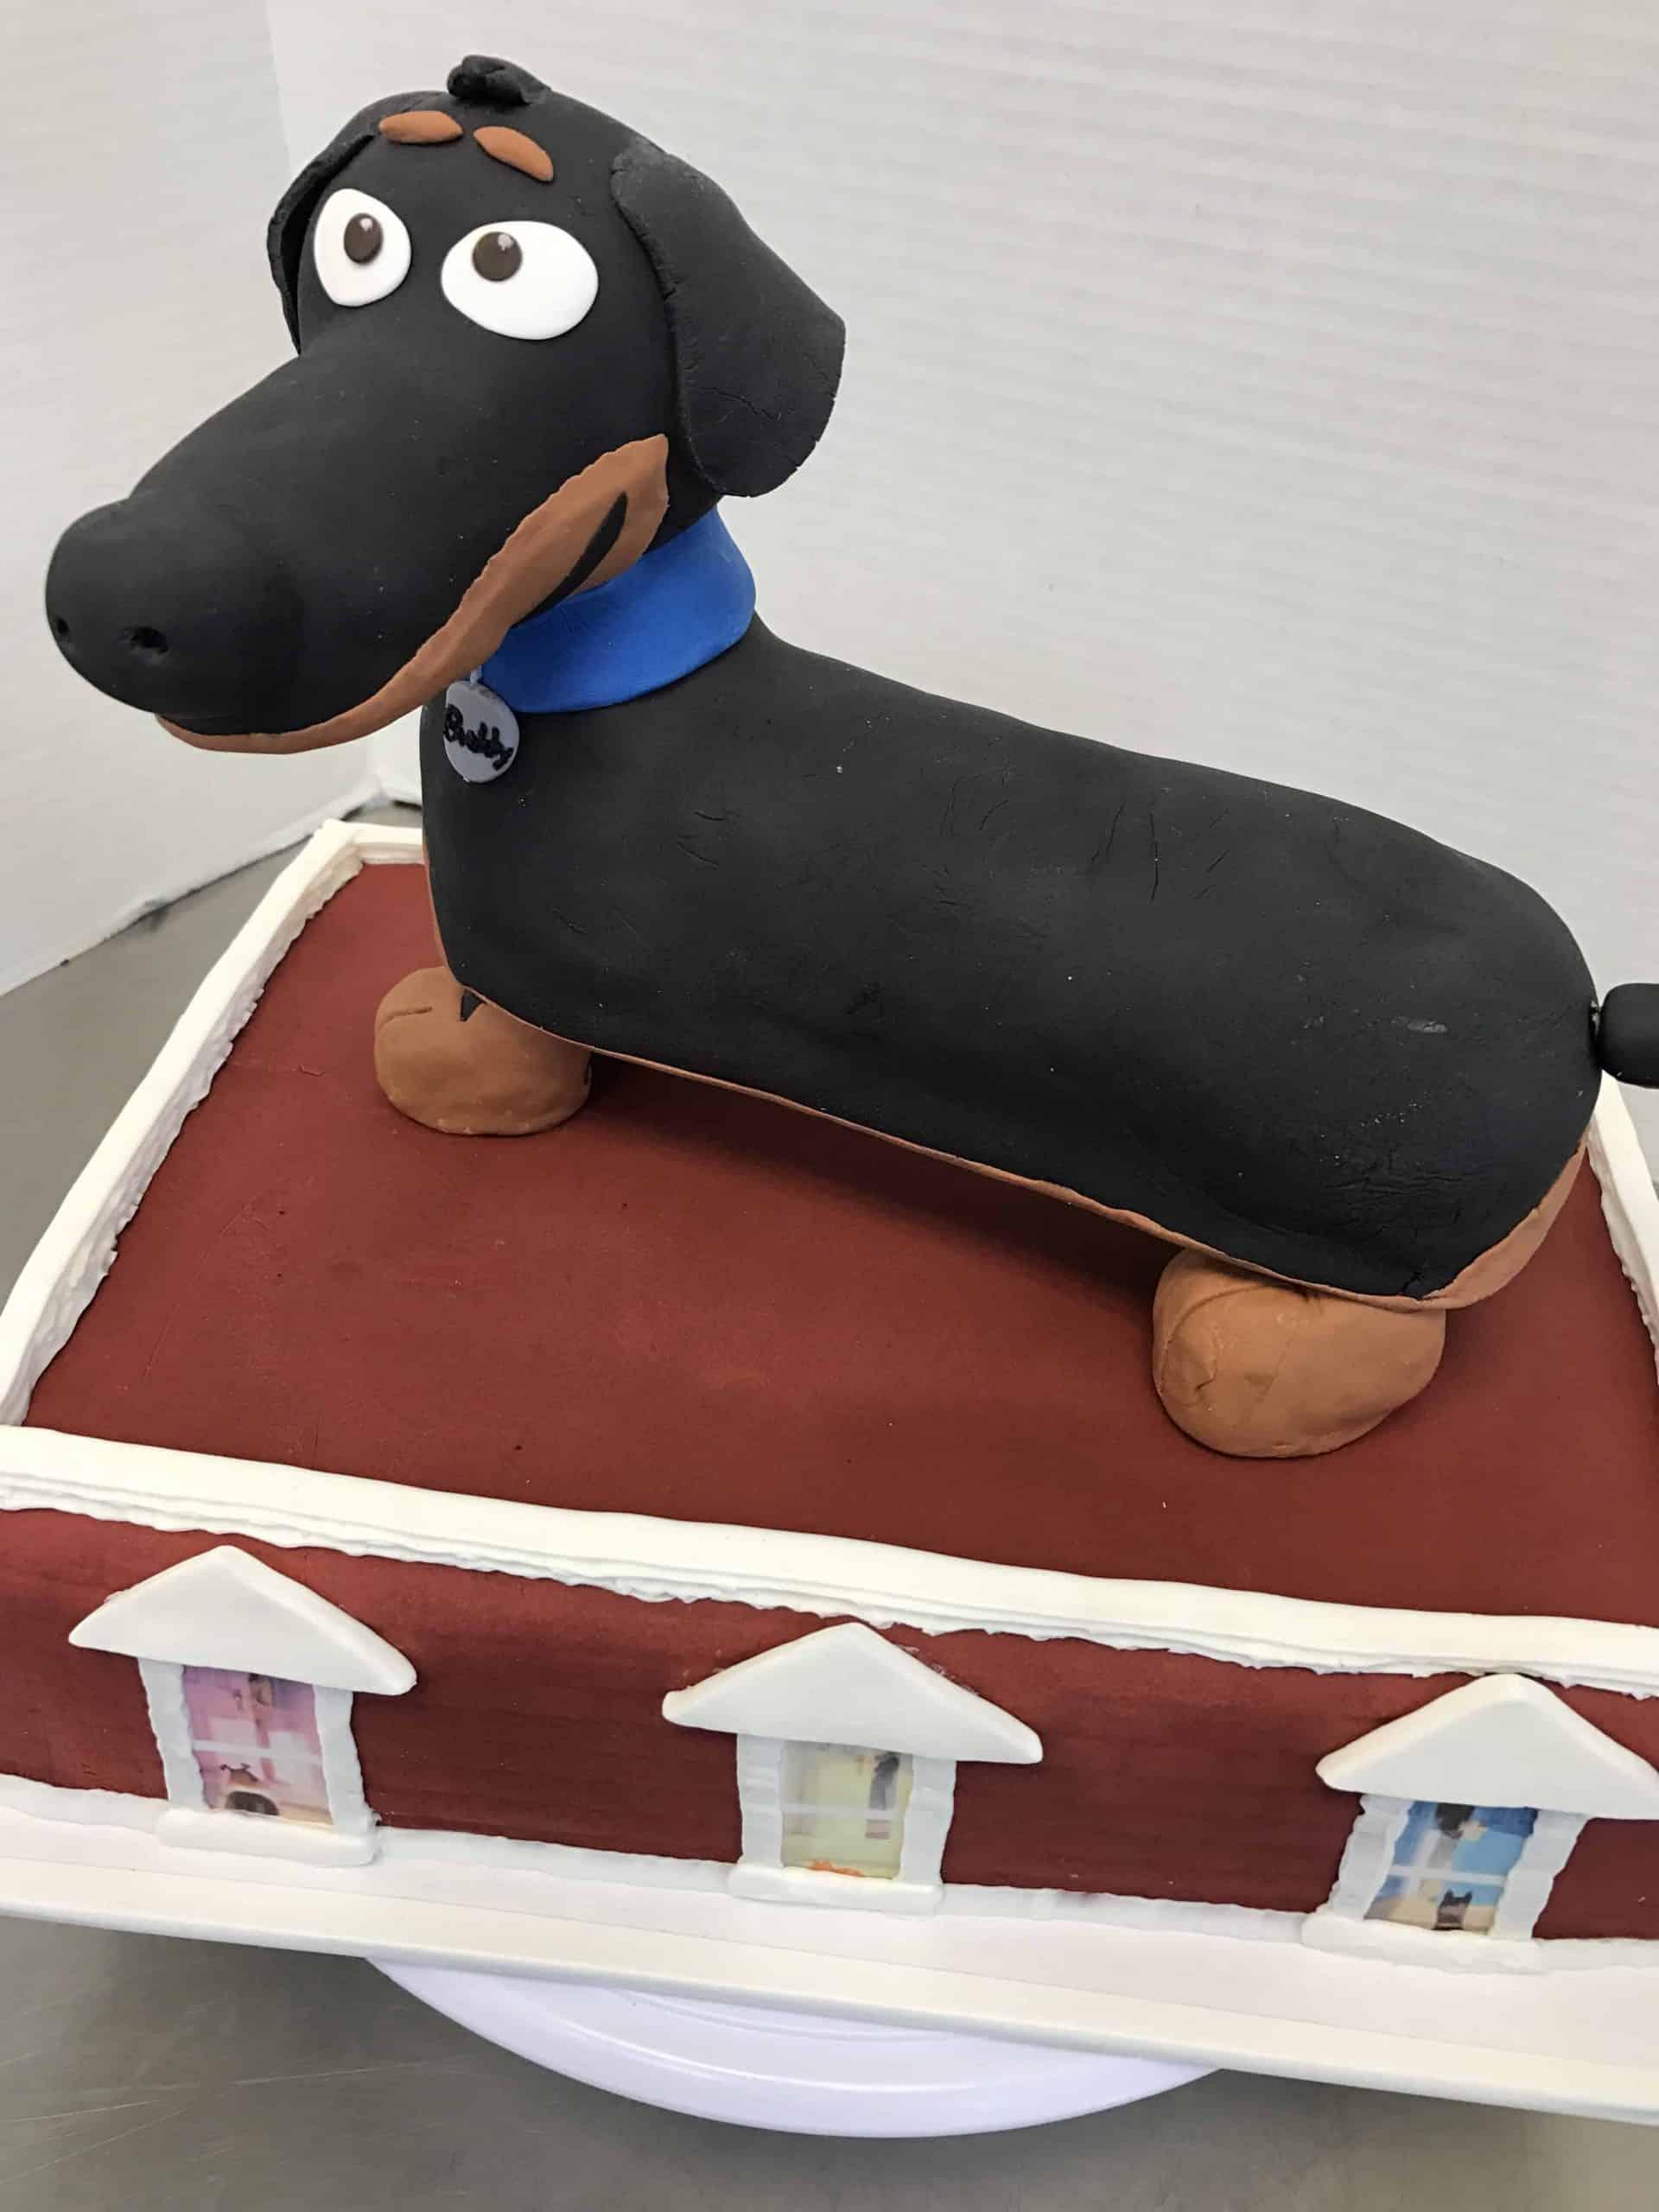 Weiner dog on a Pedistle Cake